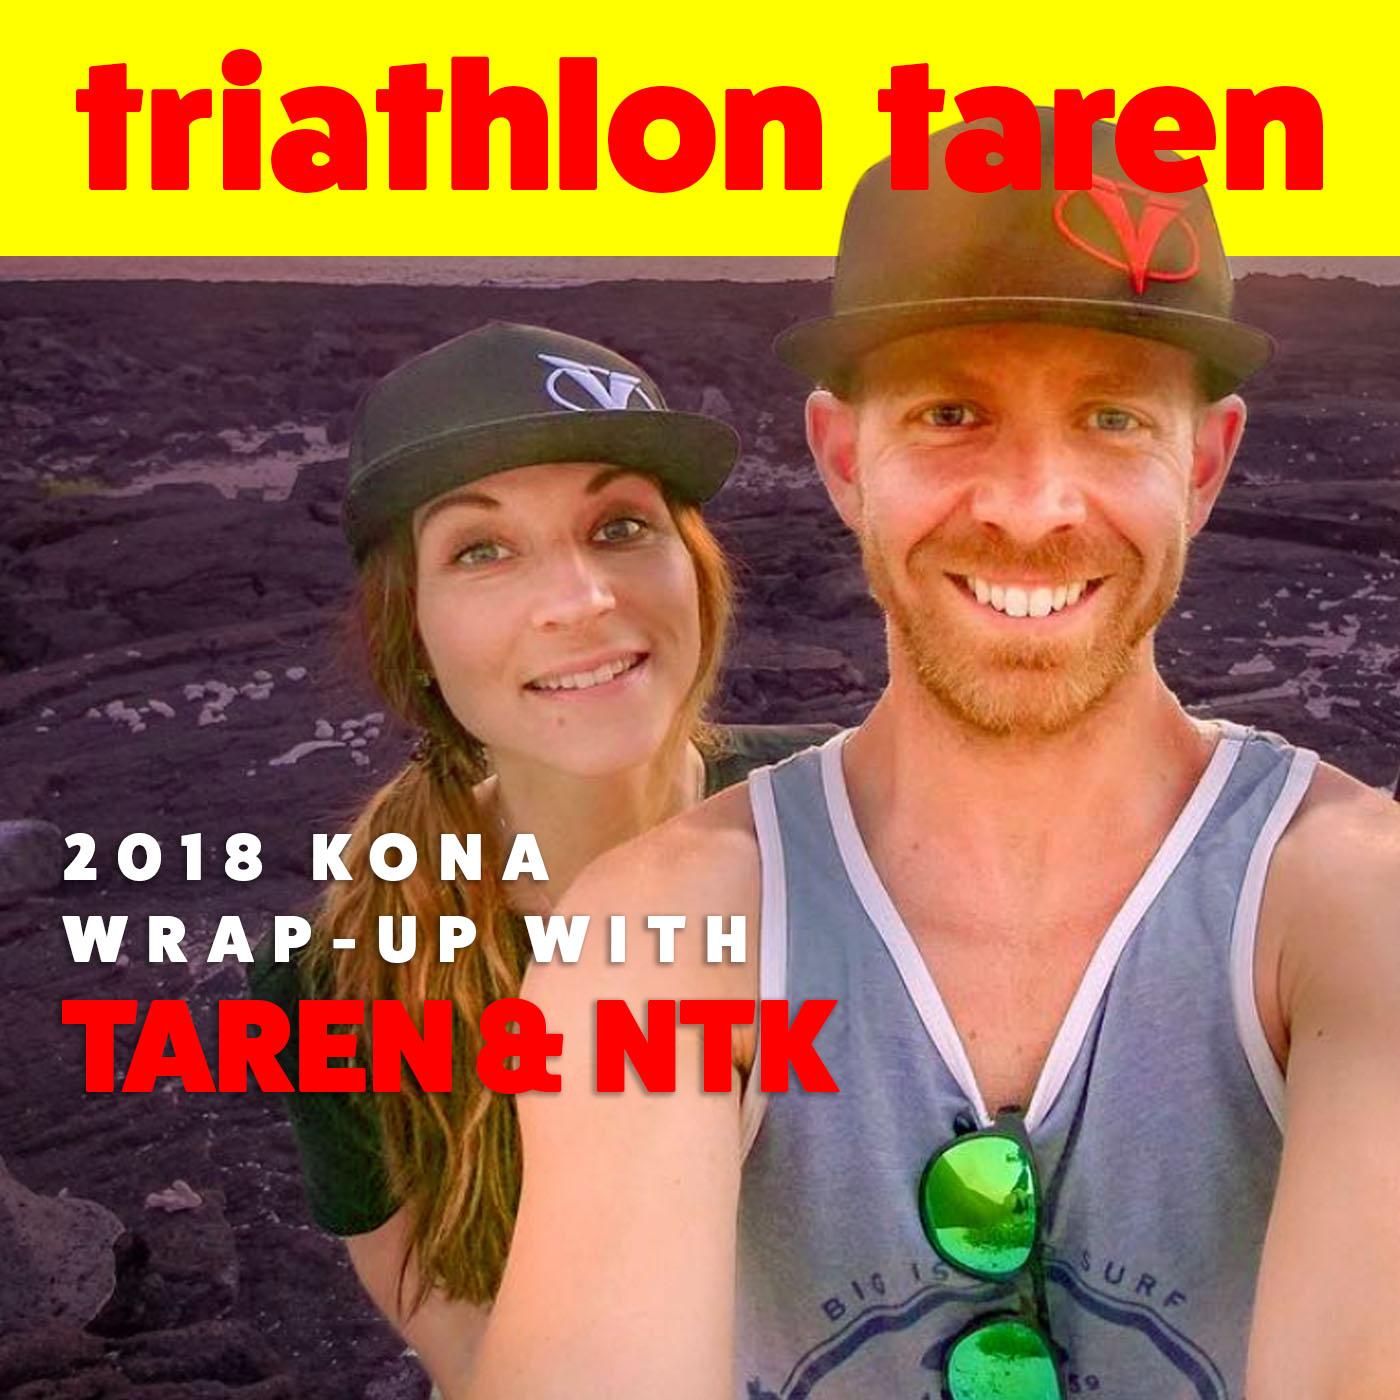 2018 Ironman World Championship Kona Wrap-Up